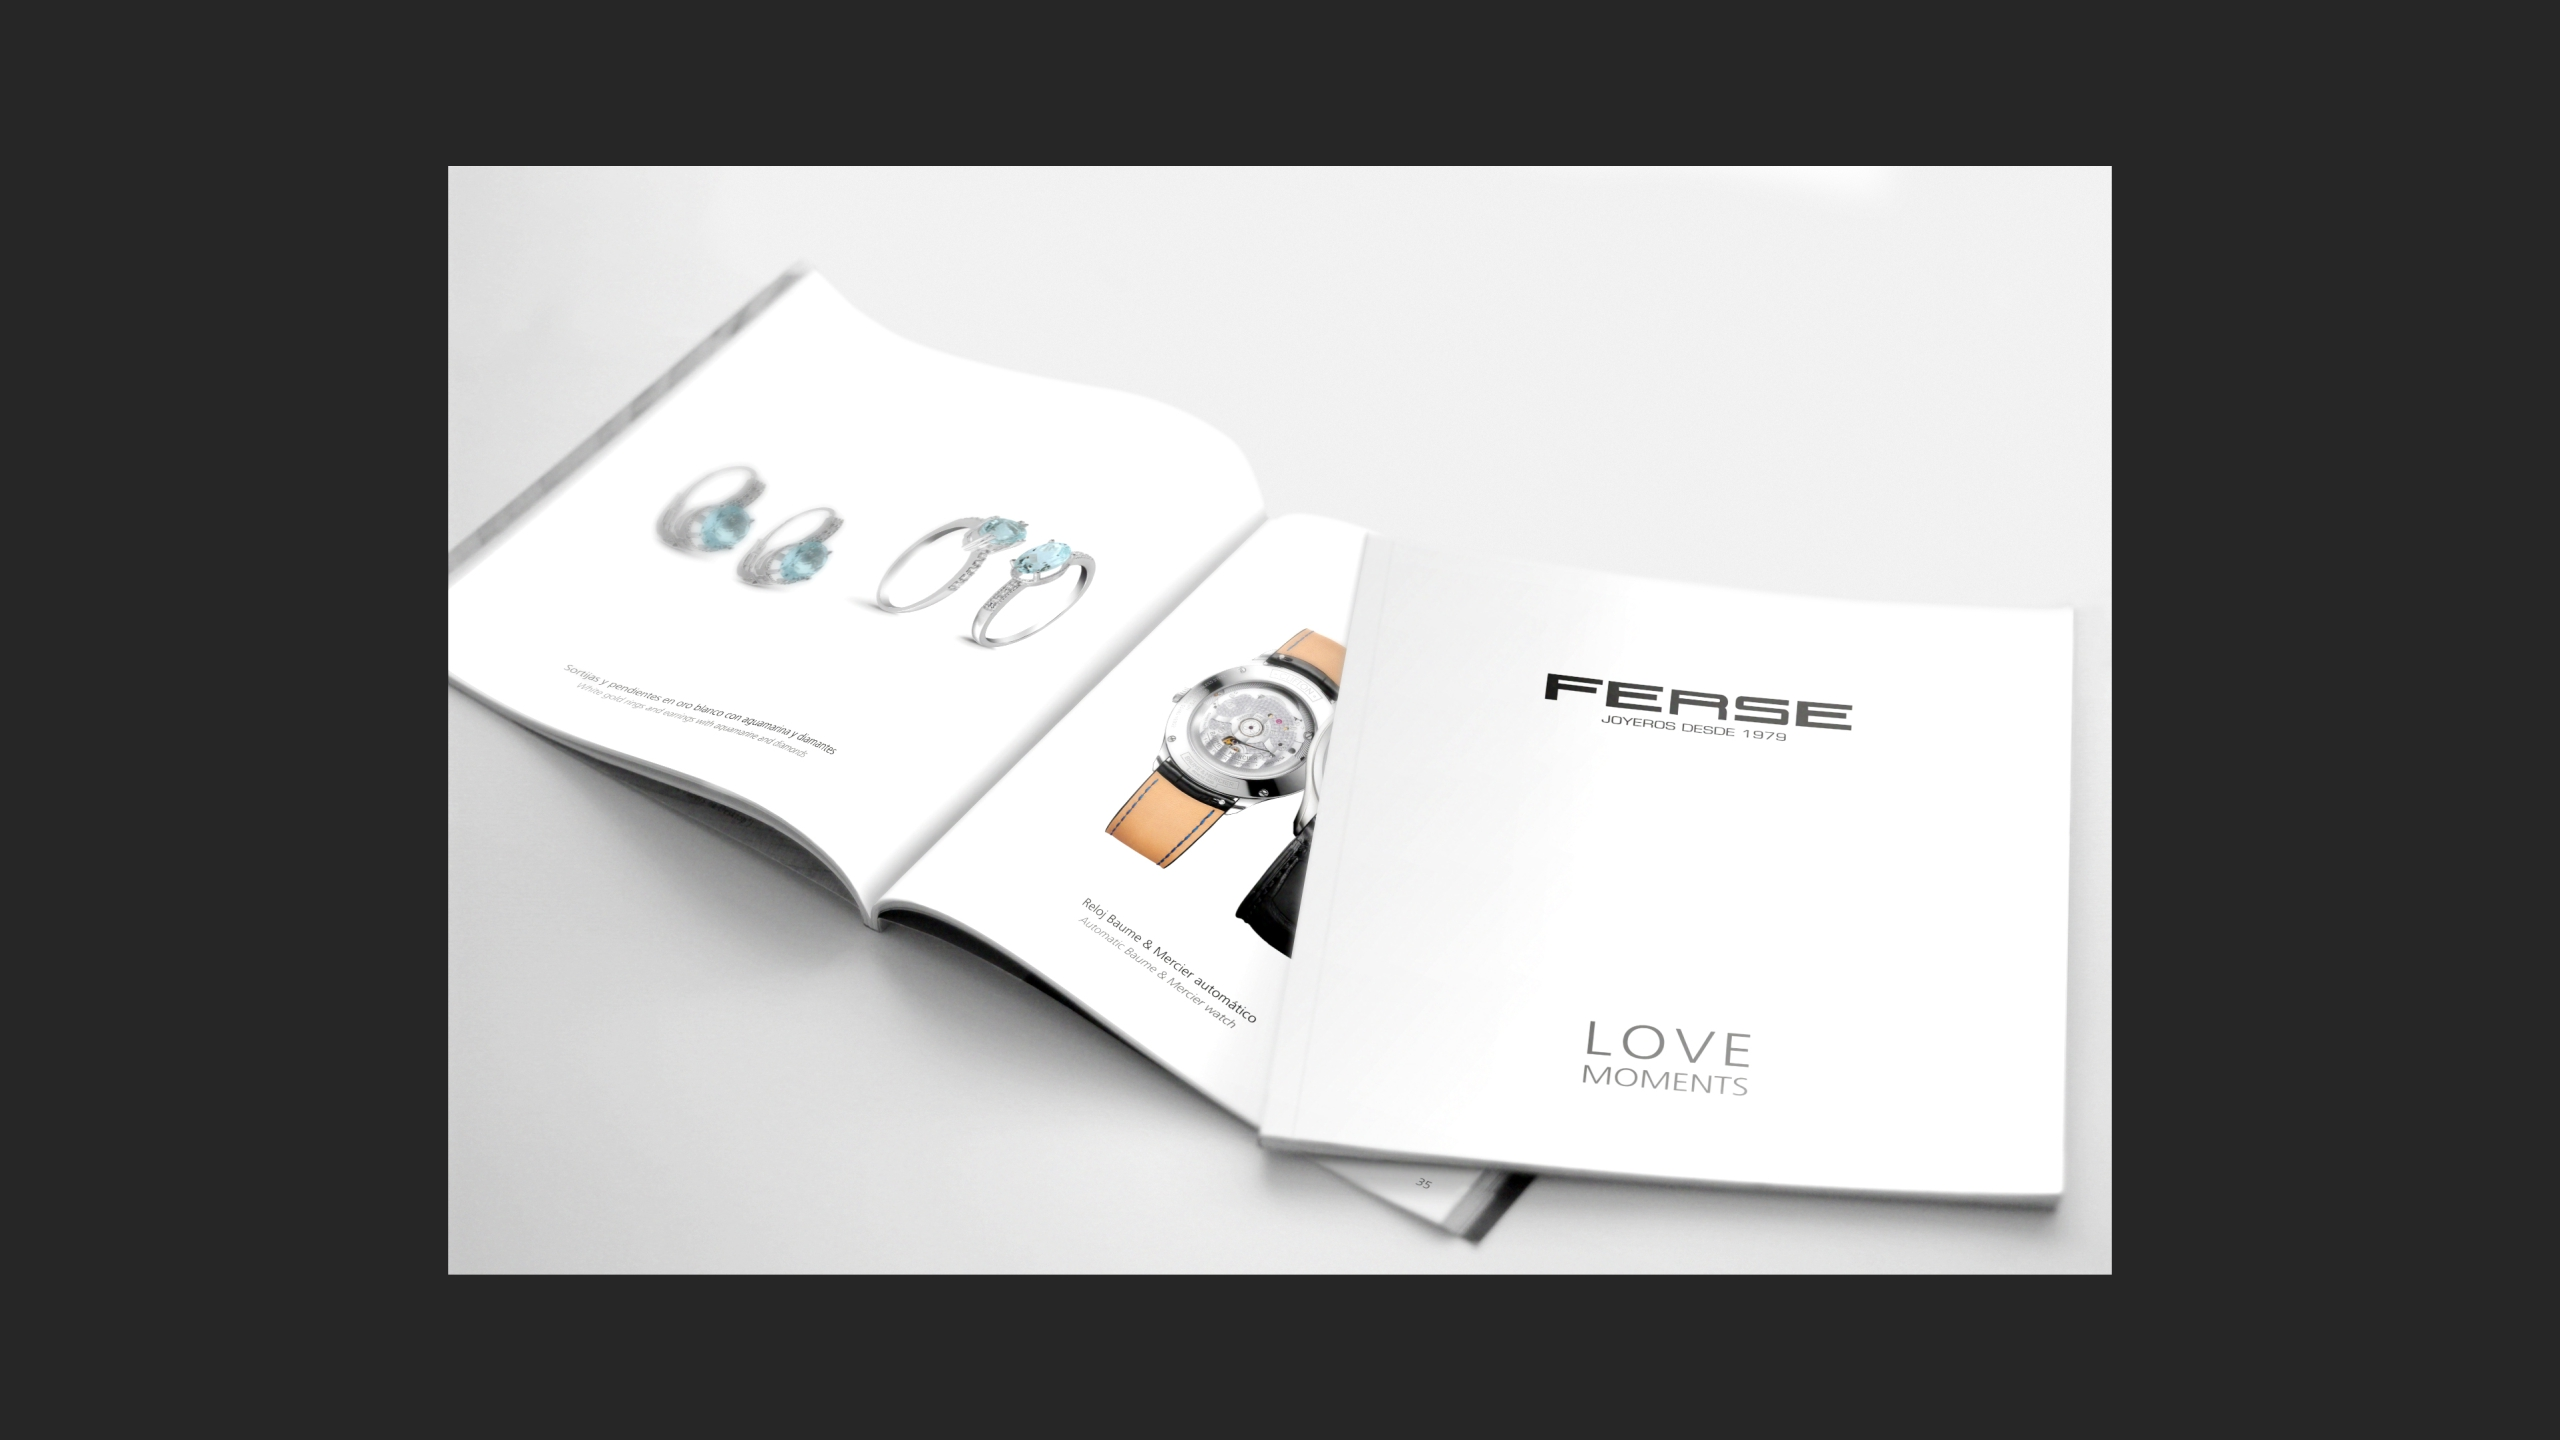 diseño catalogo de producto ferese